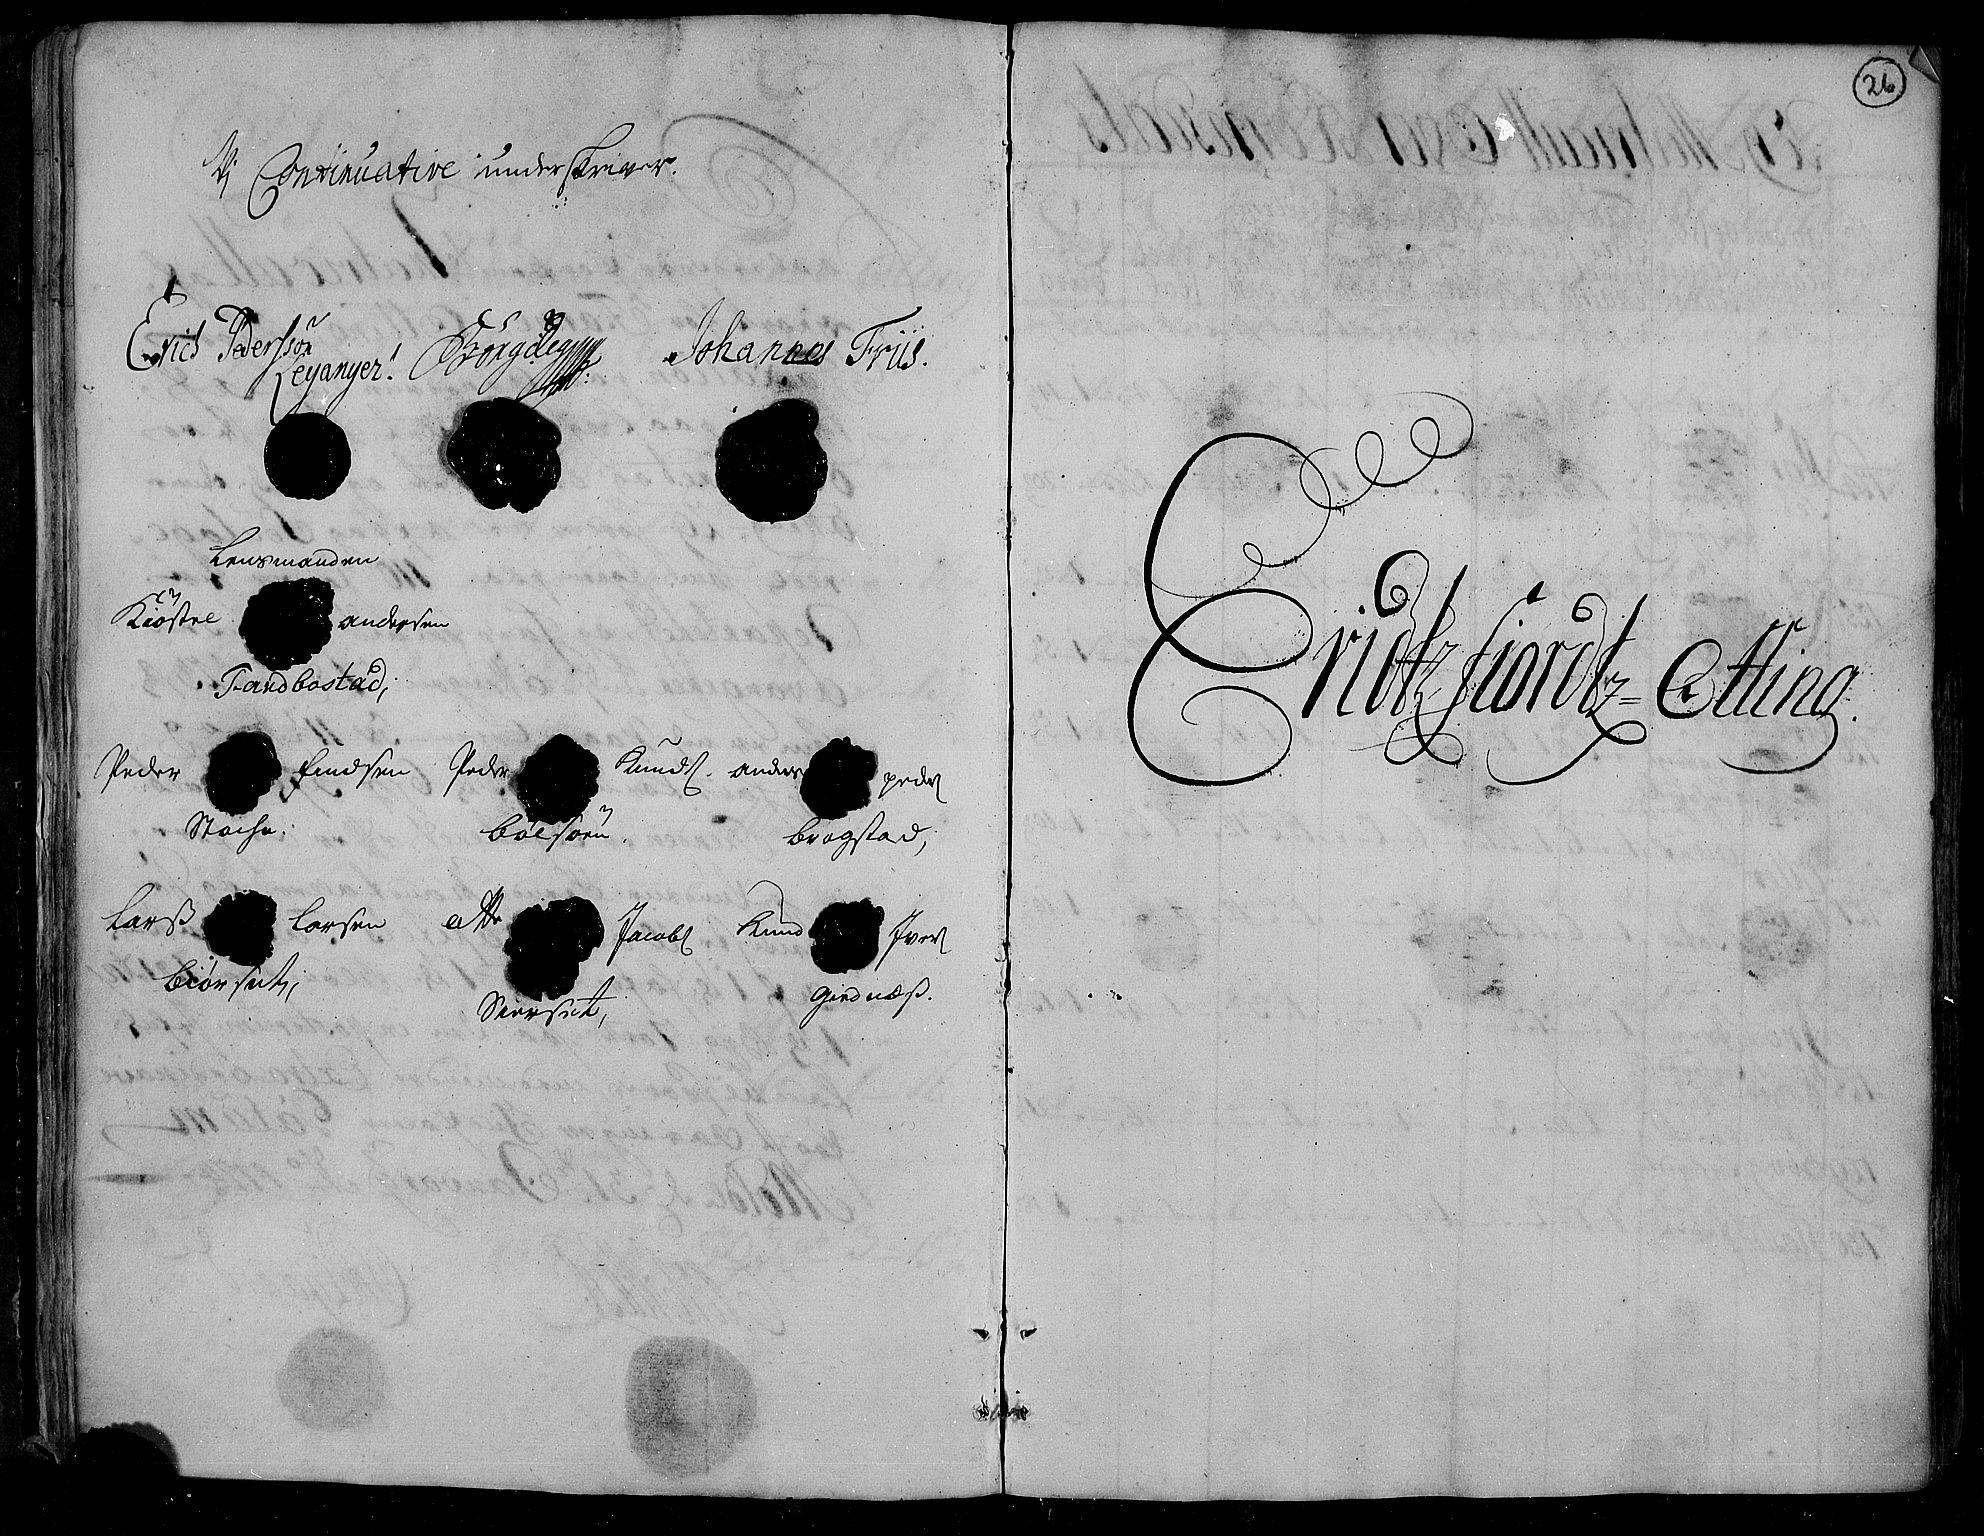 RA, Rentekammeret inntil 1814, Realistisk ordnet avdeling, N/Nb/Nbf/L0153: Romsdal matrikkelprotokoll, 1724, s. 25b-26a